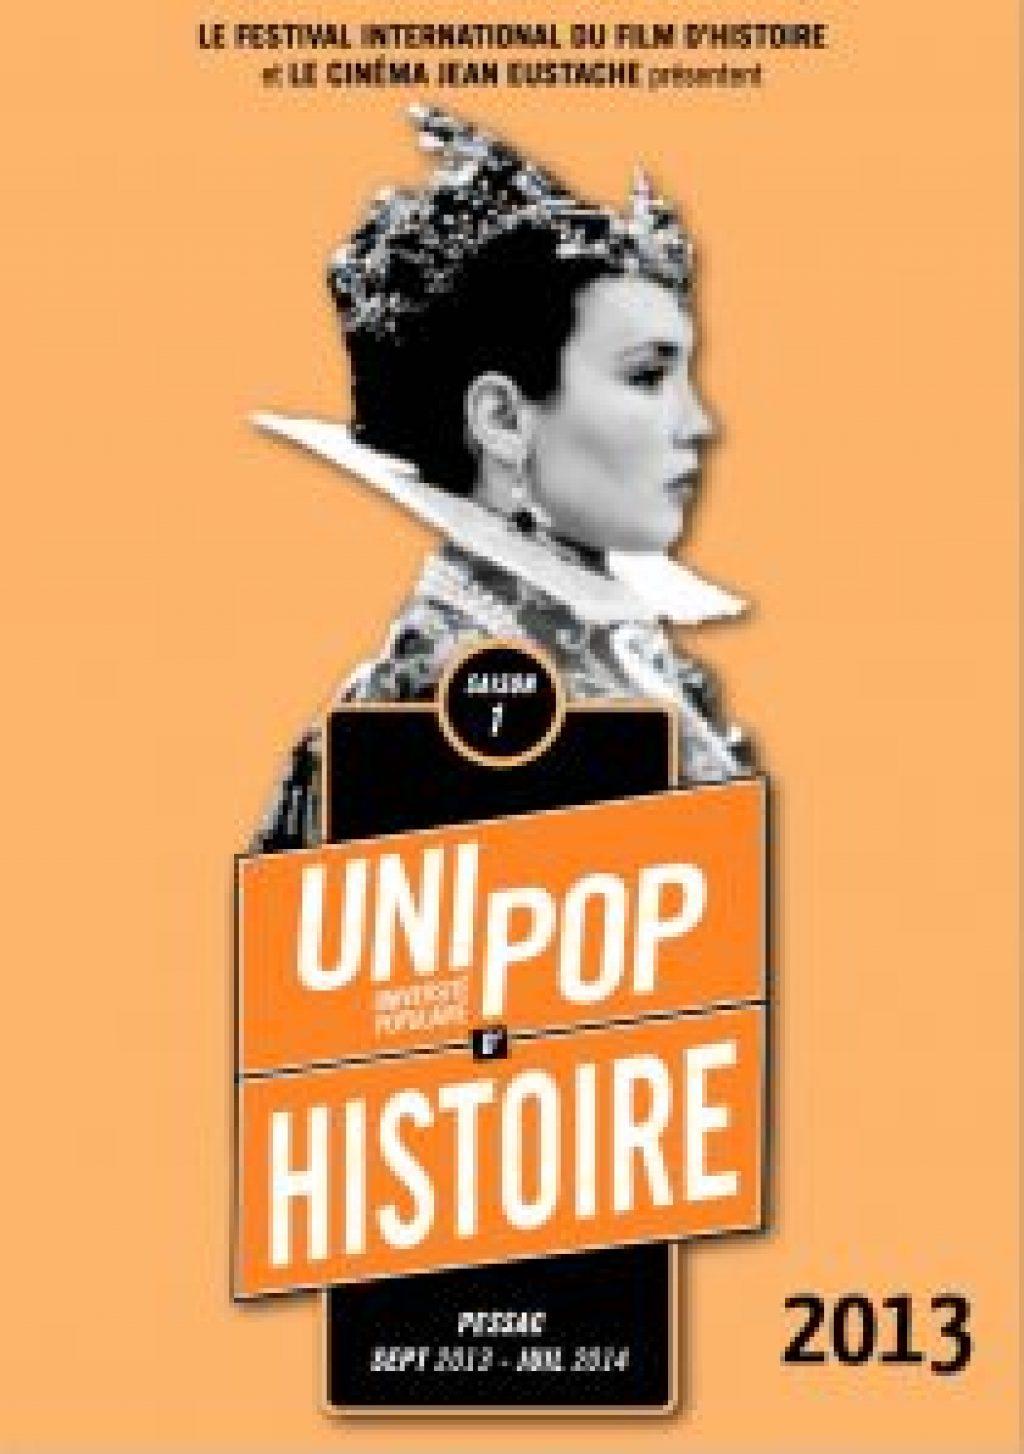 Unipop Unipop histoire 2013-2014